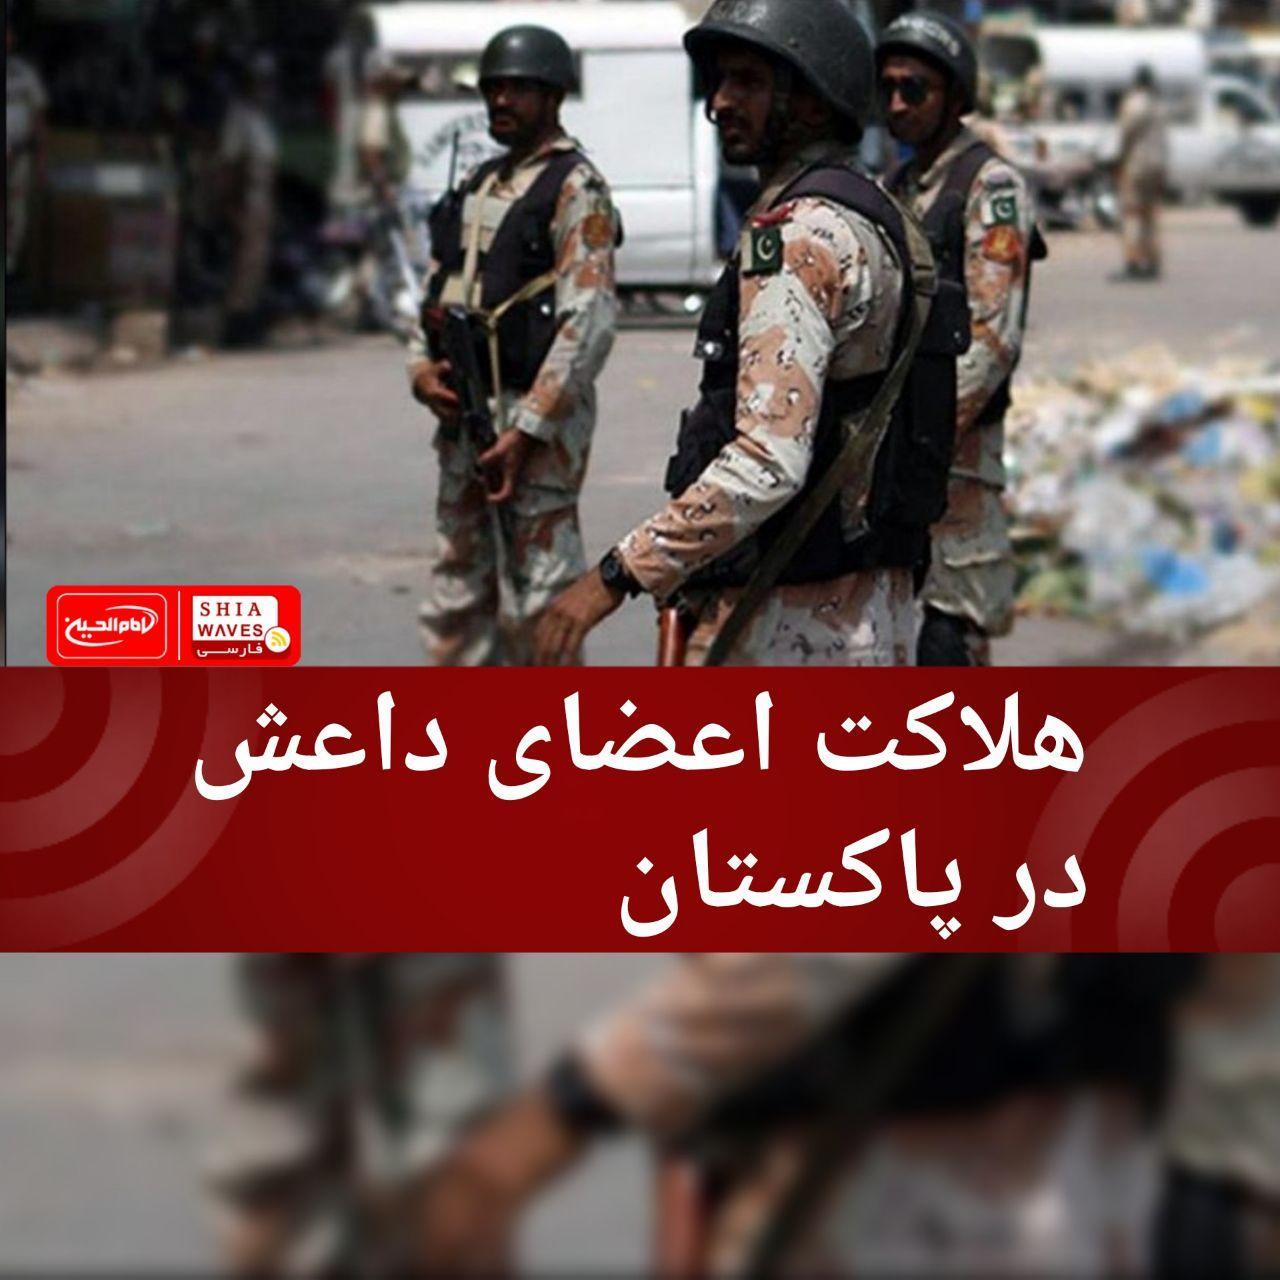 تصویر هلاکت اعضای داعش در پاکستان